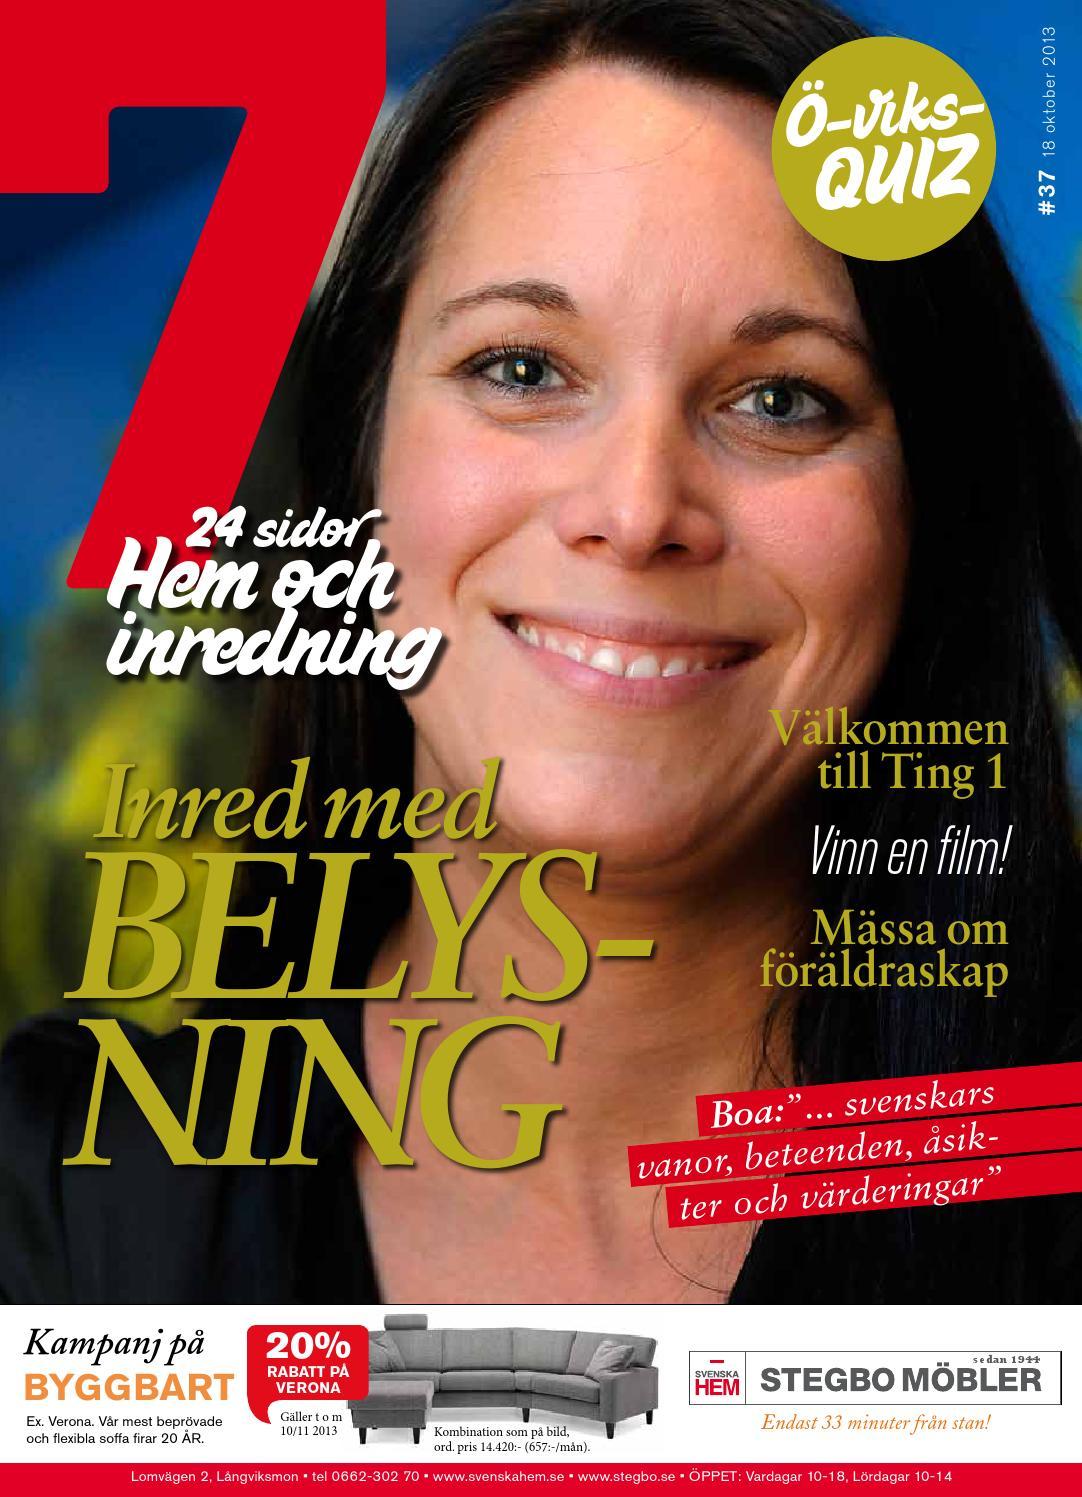 Siv Karin Andersson, Solvgen 6, Kpmanholmen | redteksystems.net